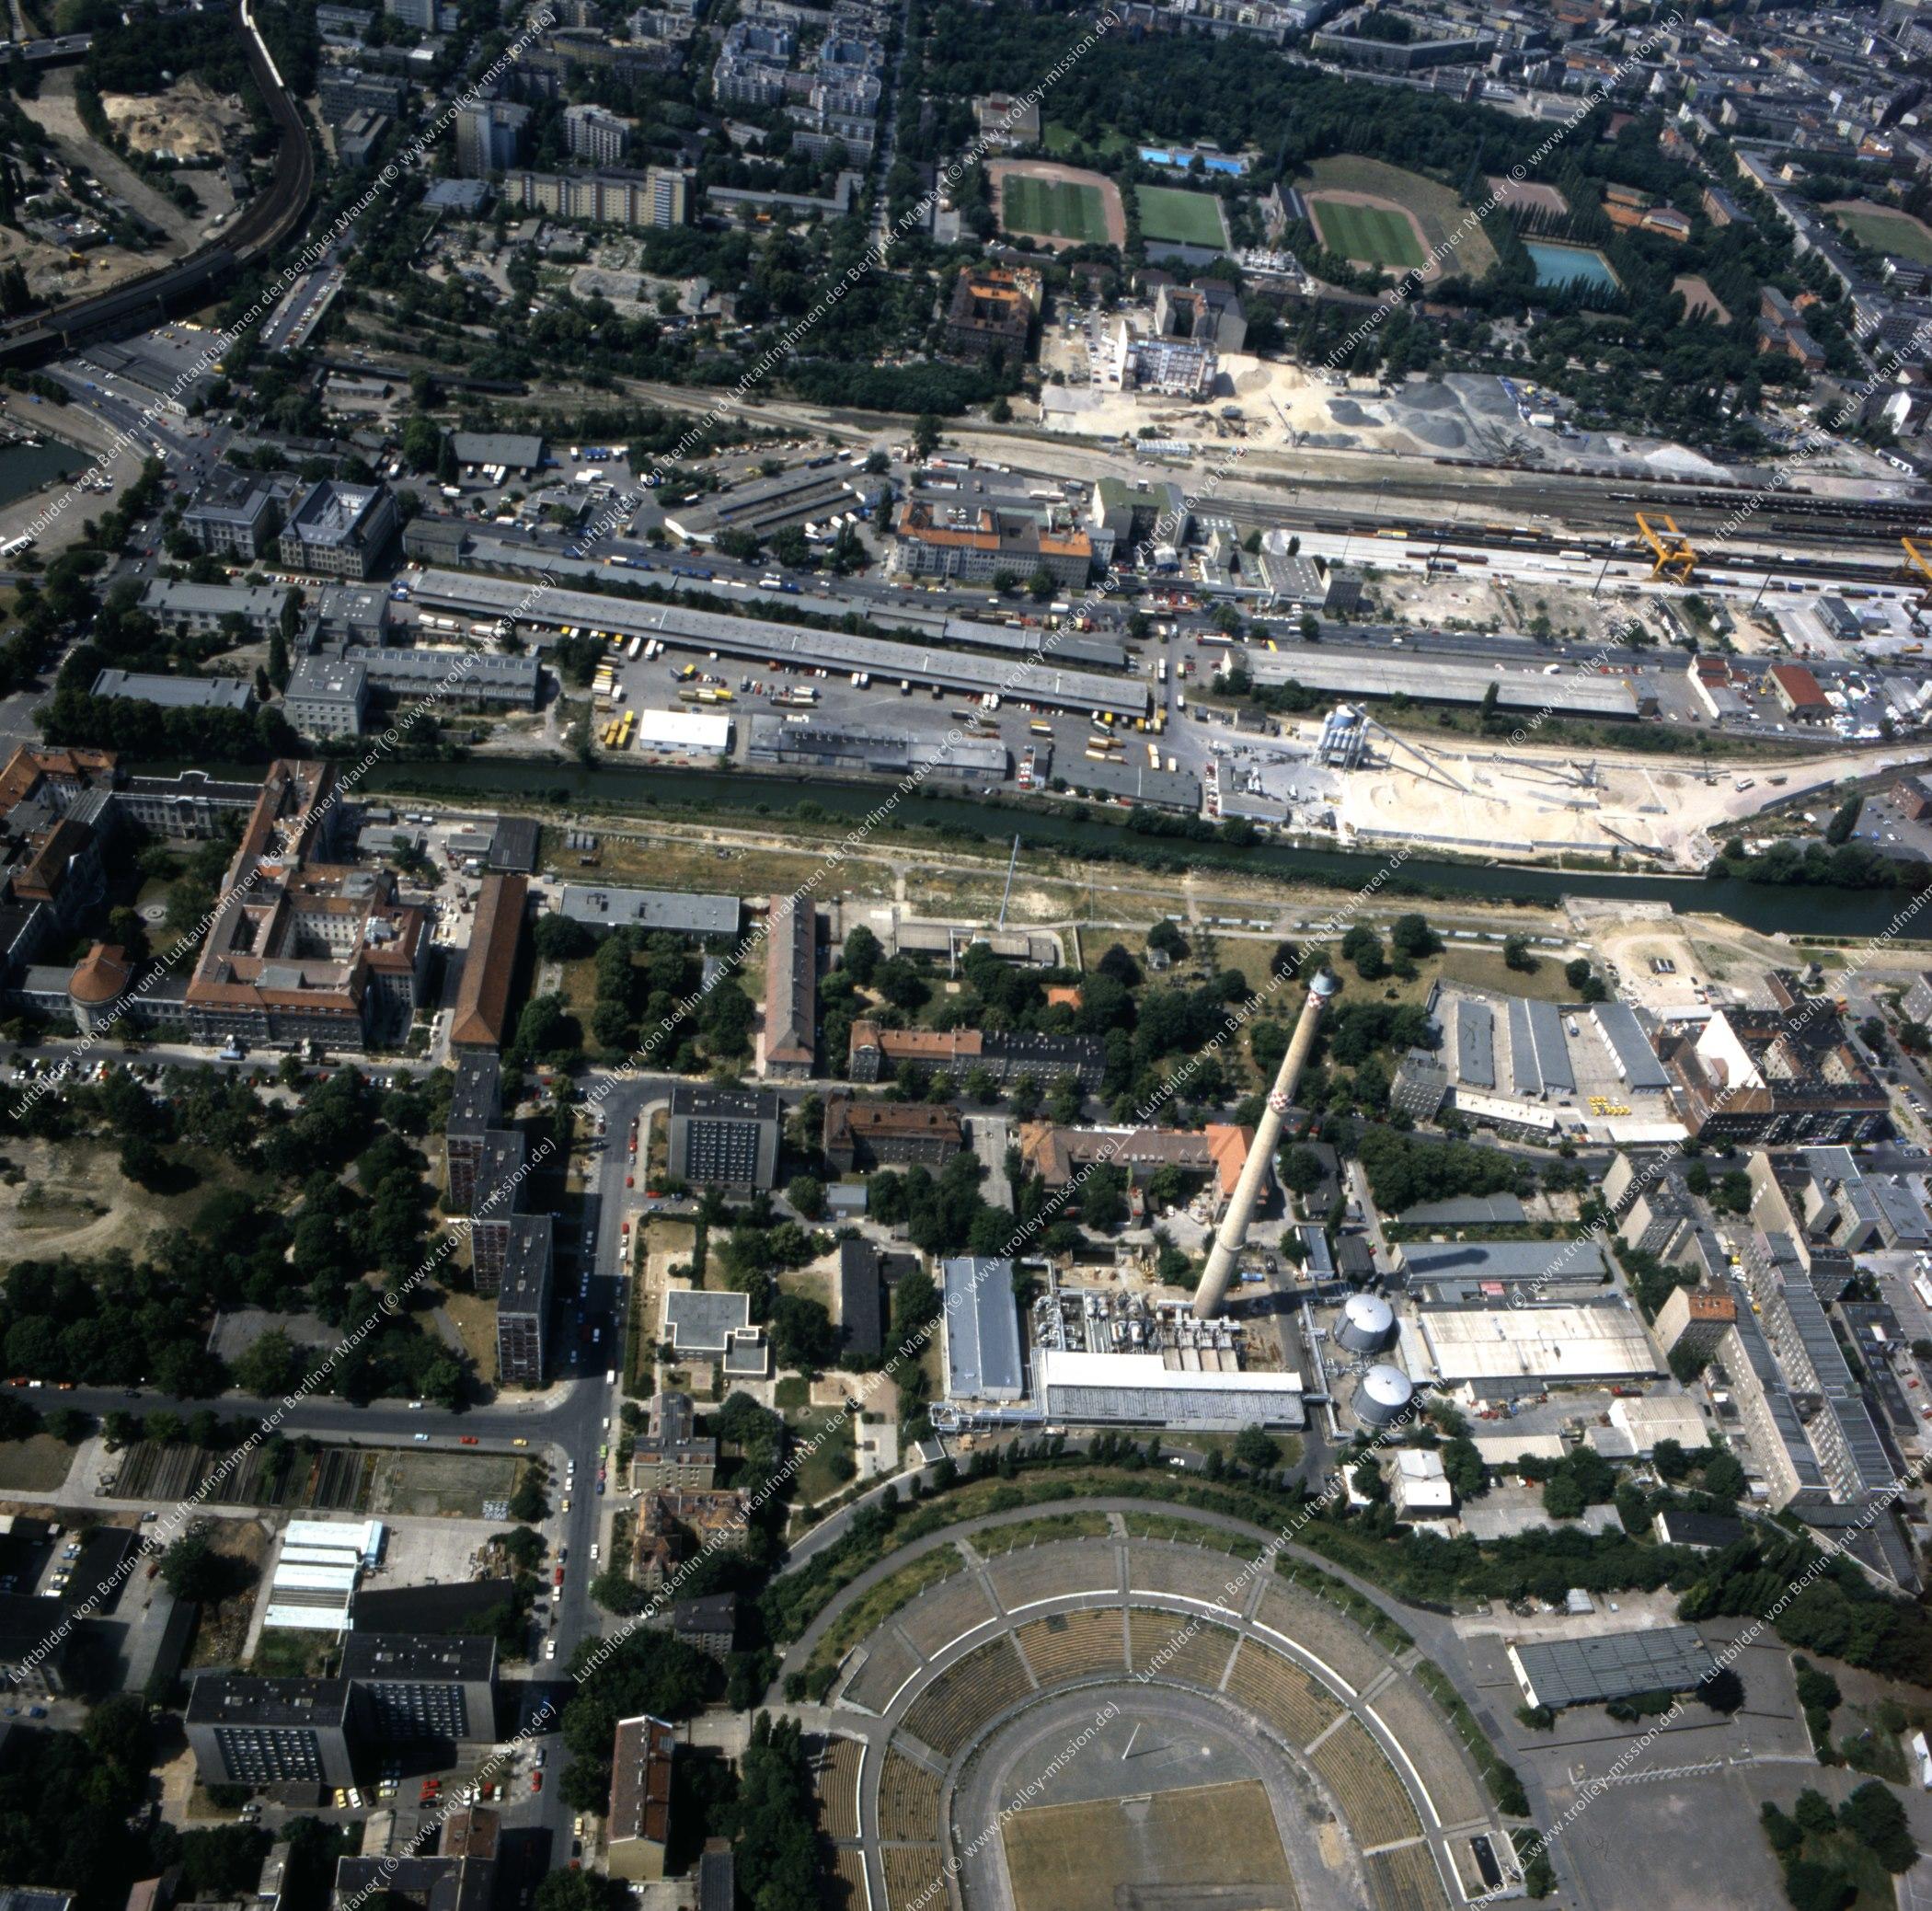 Invalidenpark und Heizkraftwerk der Berliner Städtischen Elektrizitätswerke AG (Bewag) im Bezirk Berlin-Mitte - Luftbild nach der deutschen Wiedervereinigung (Bild 142)